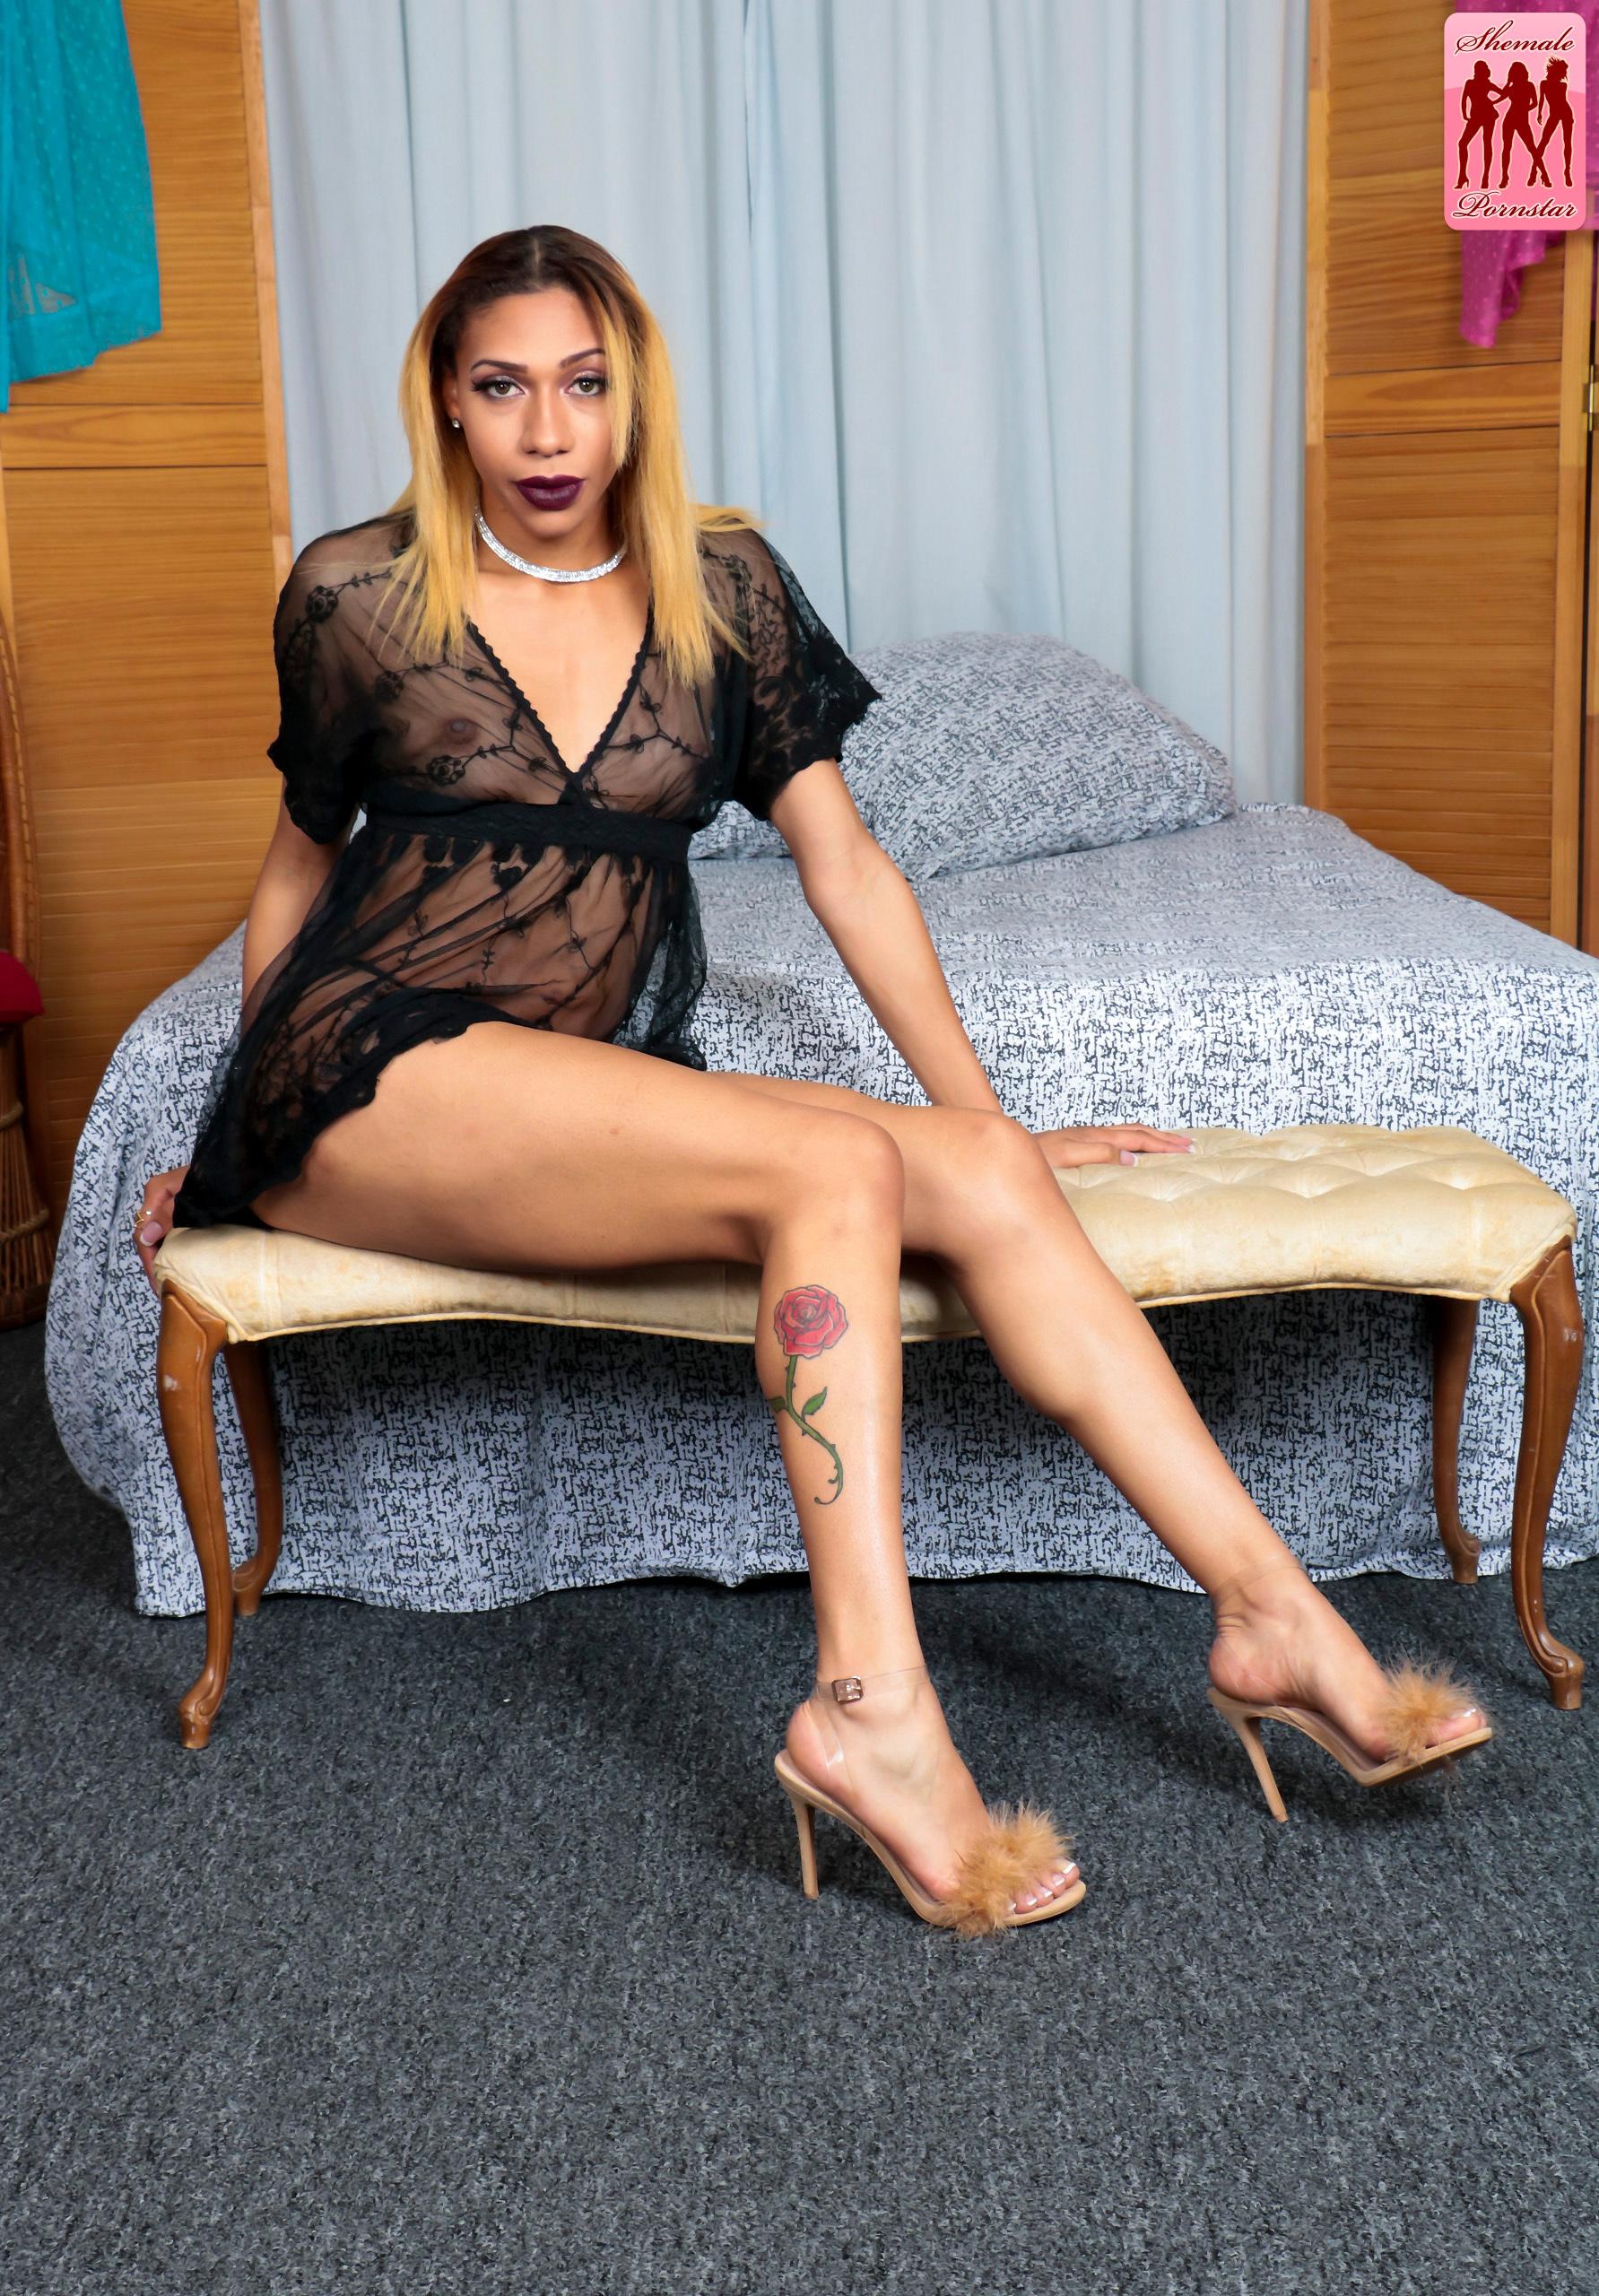 Alluring Transexual Natalia Desires